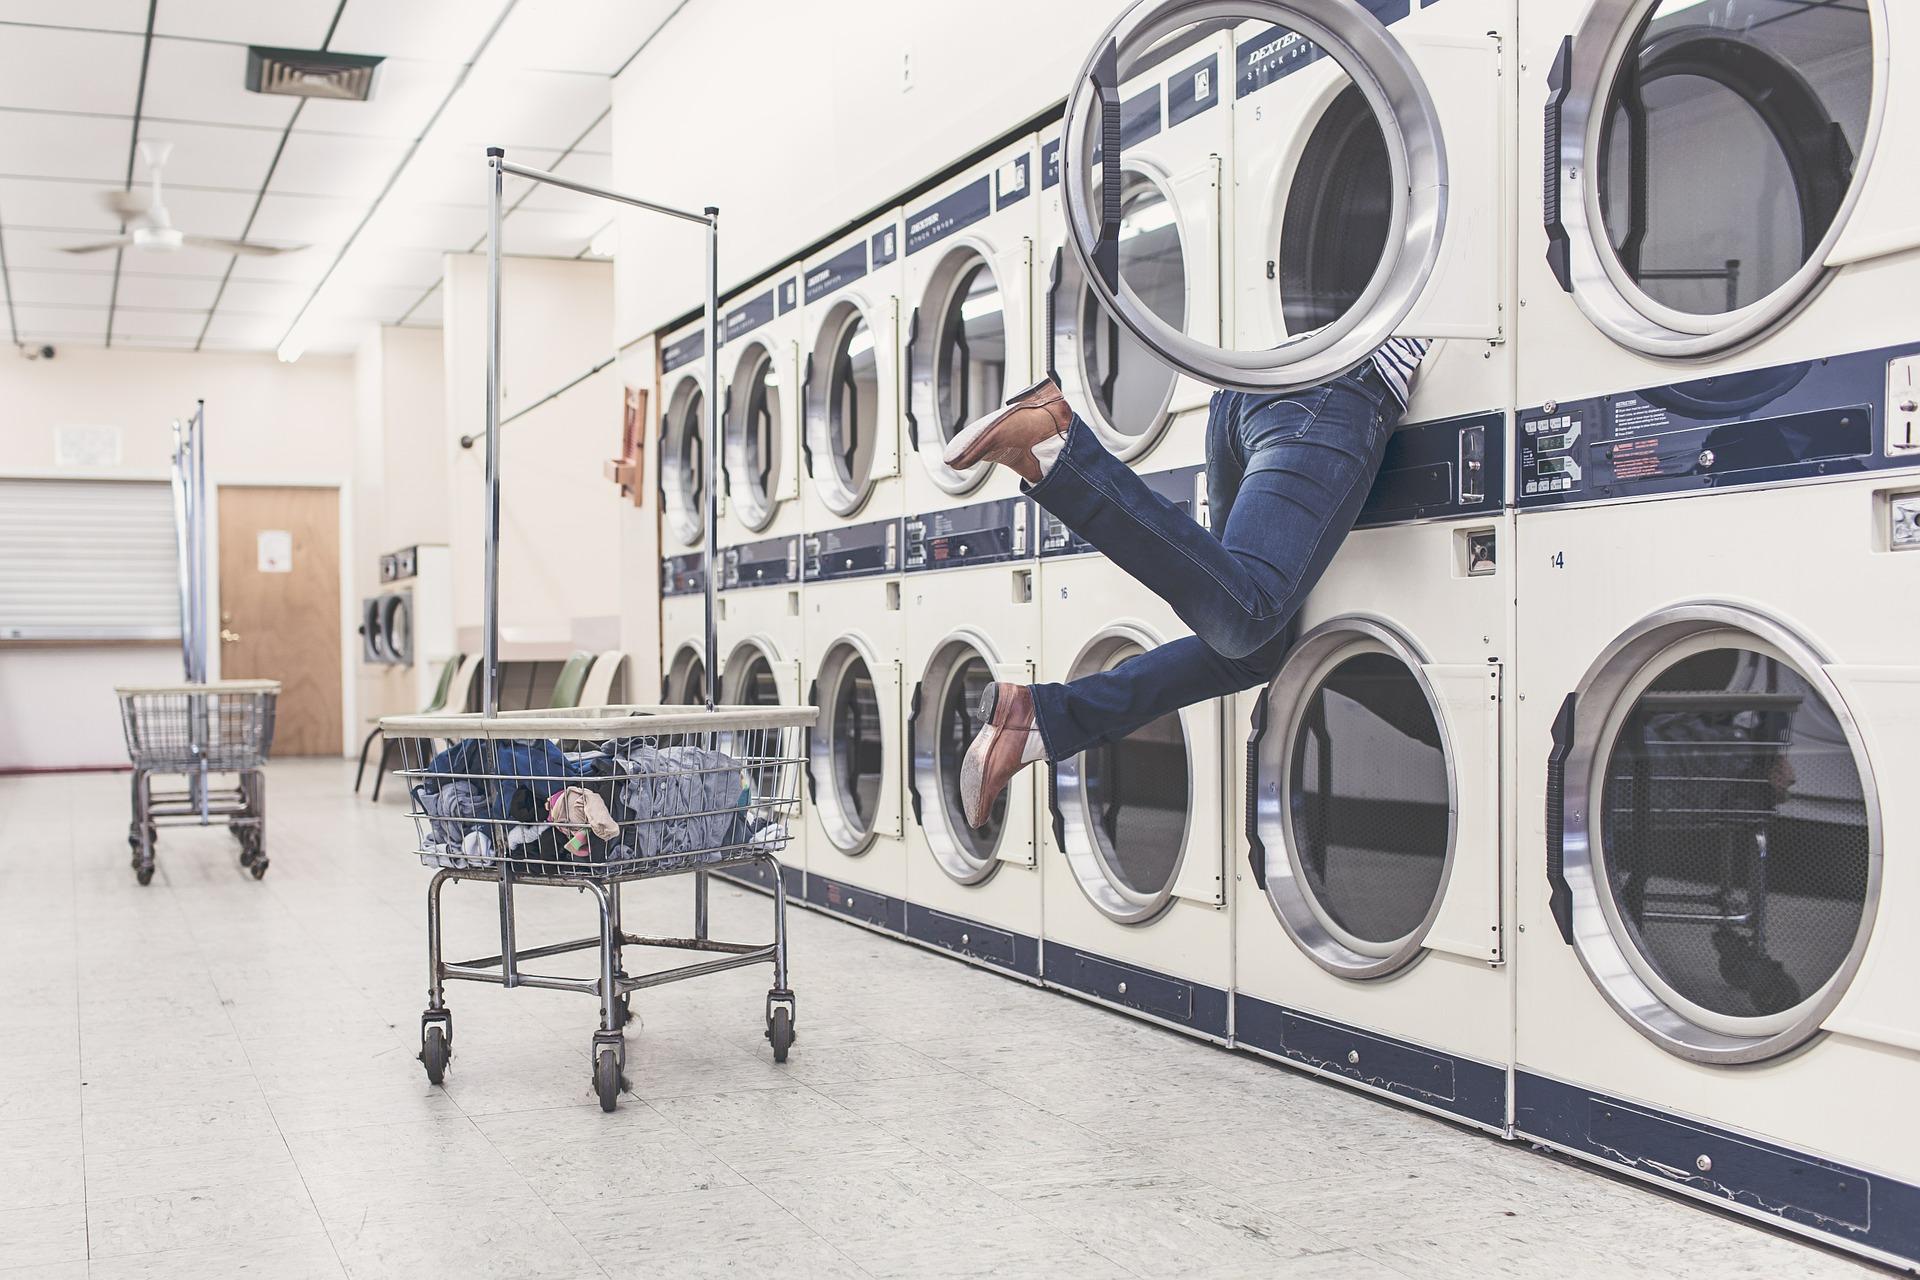 L'utilisation économique du lave-linge